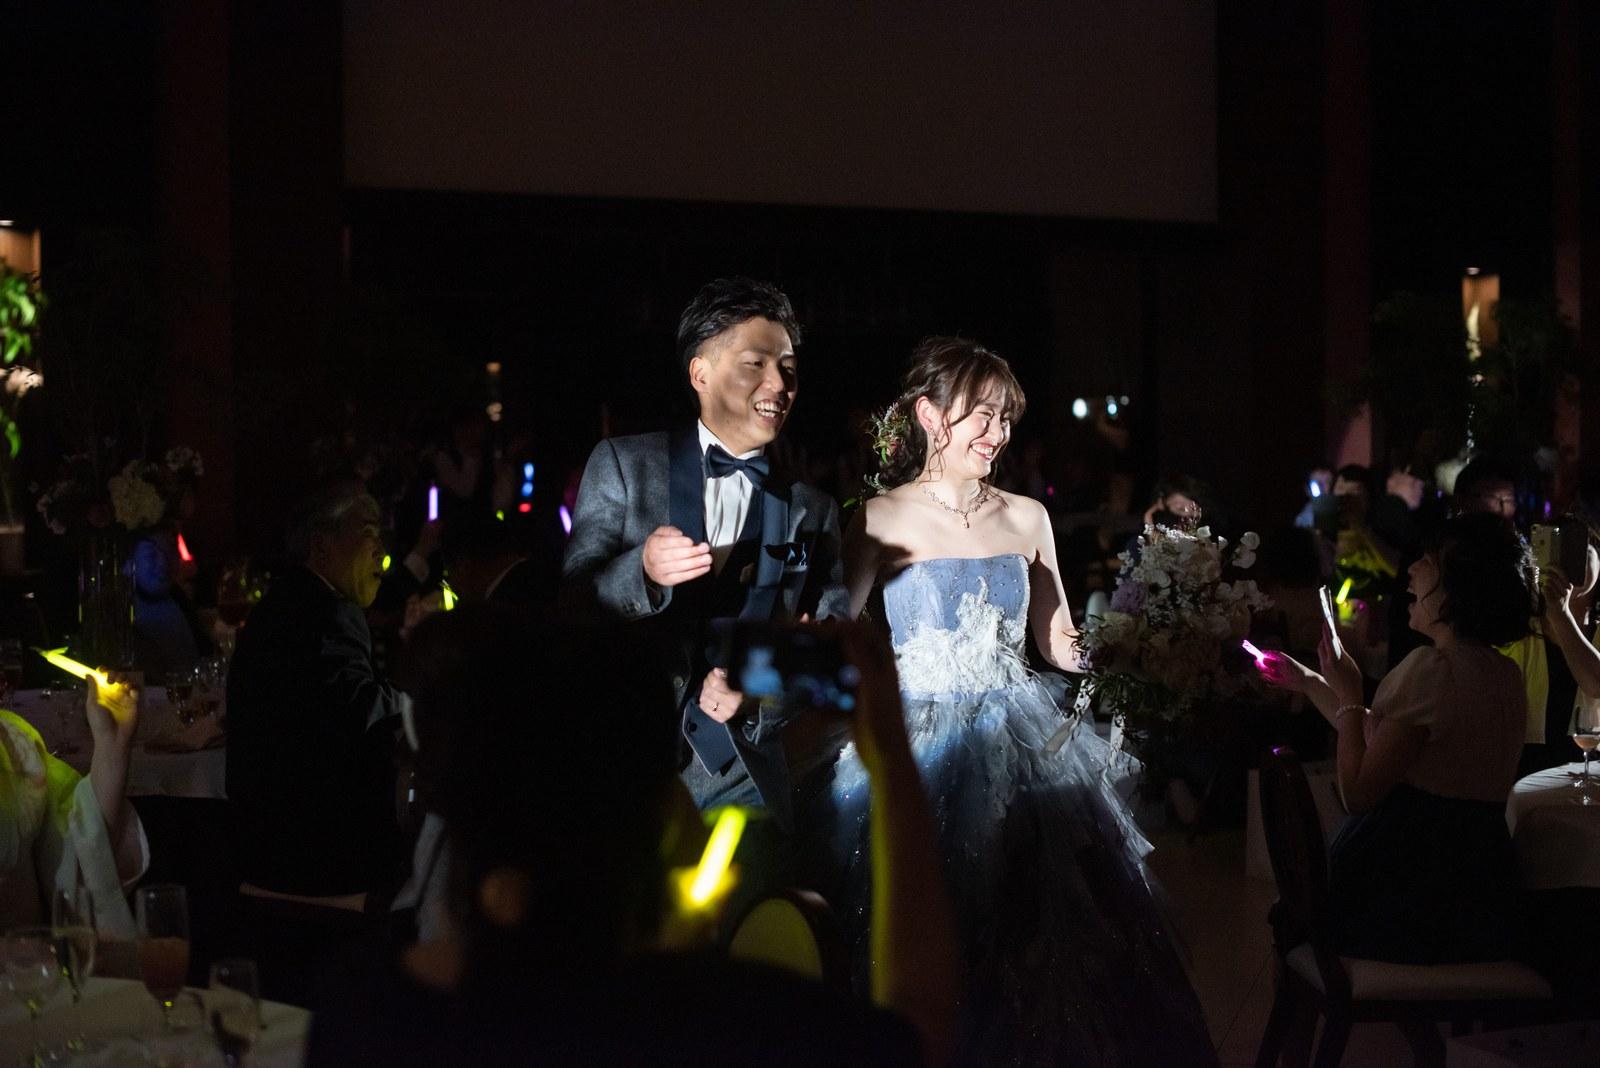 徳島県の結婚式場ブランアンジュの披露宴でお色直し入場した新郎新婦